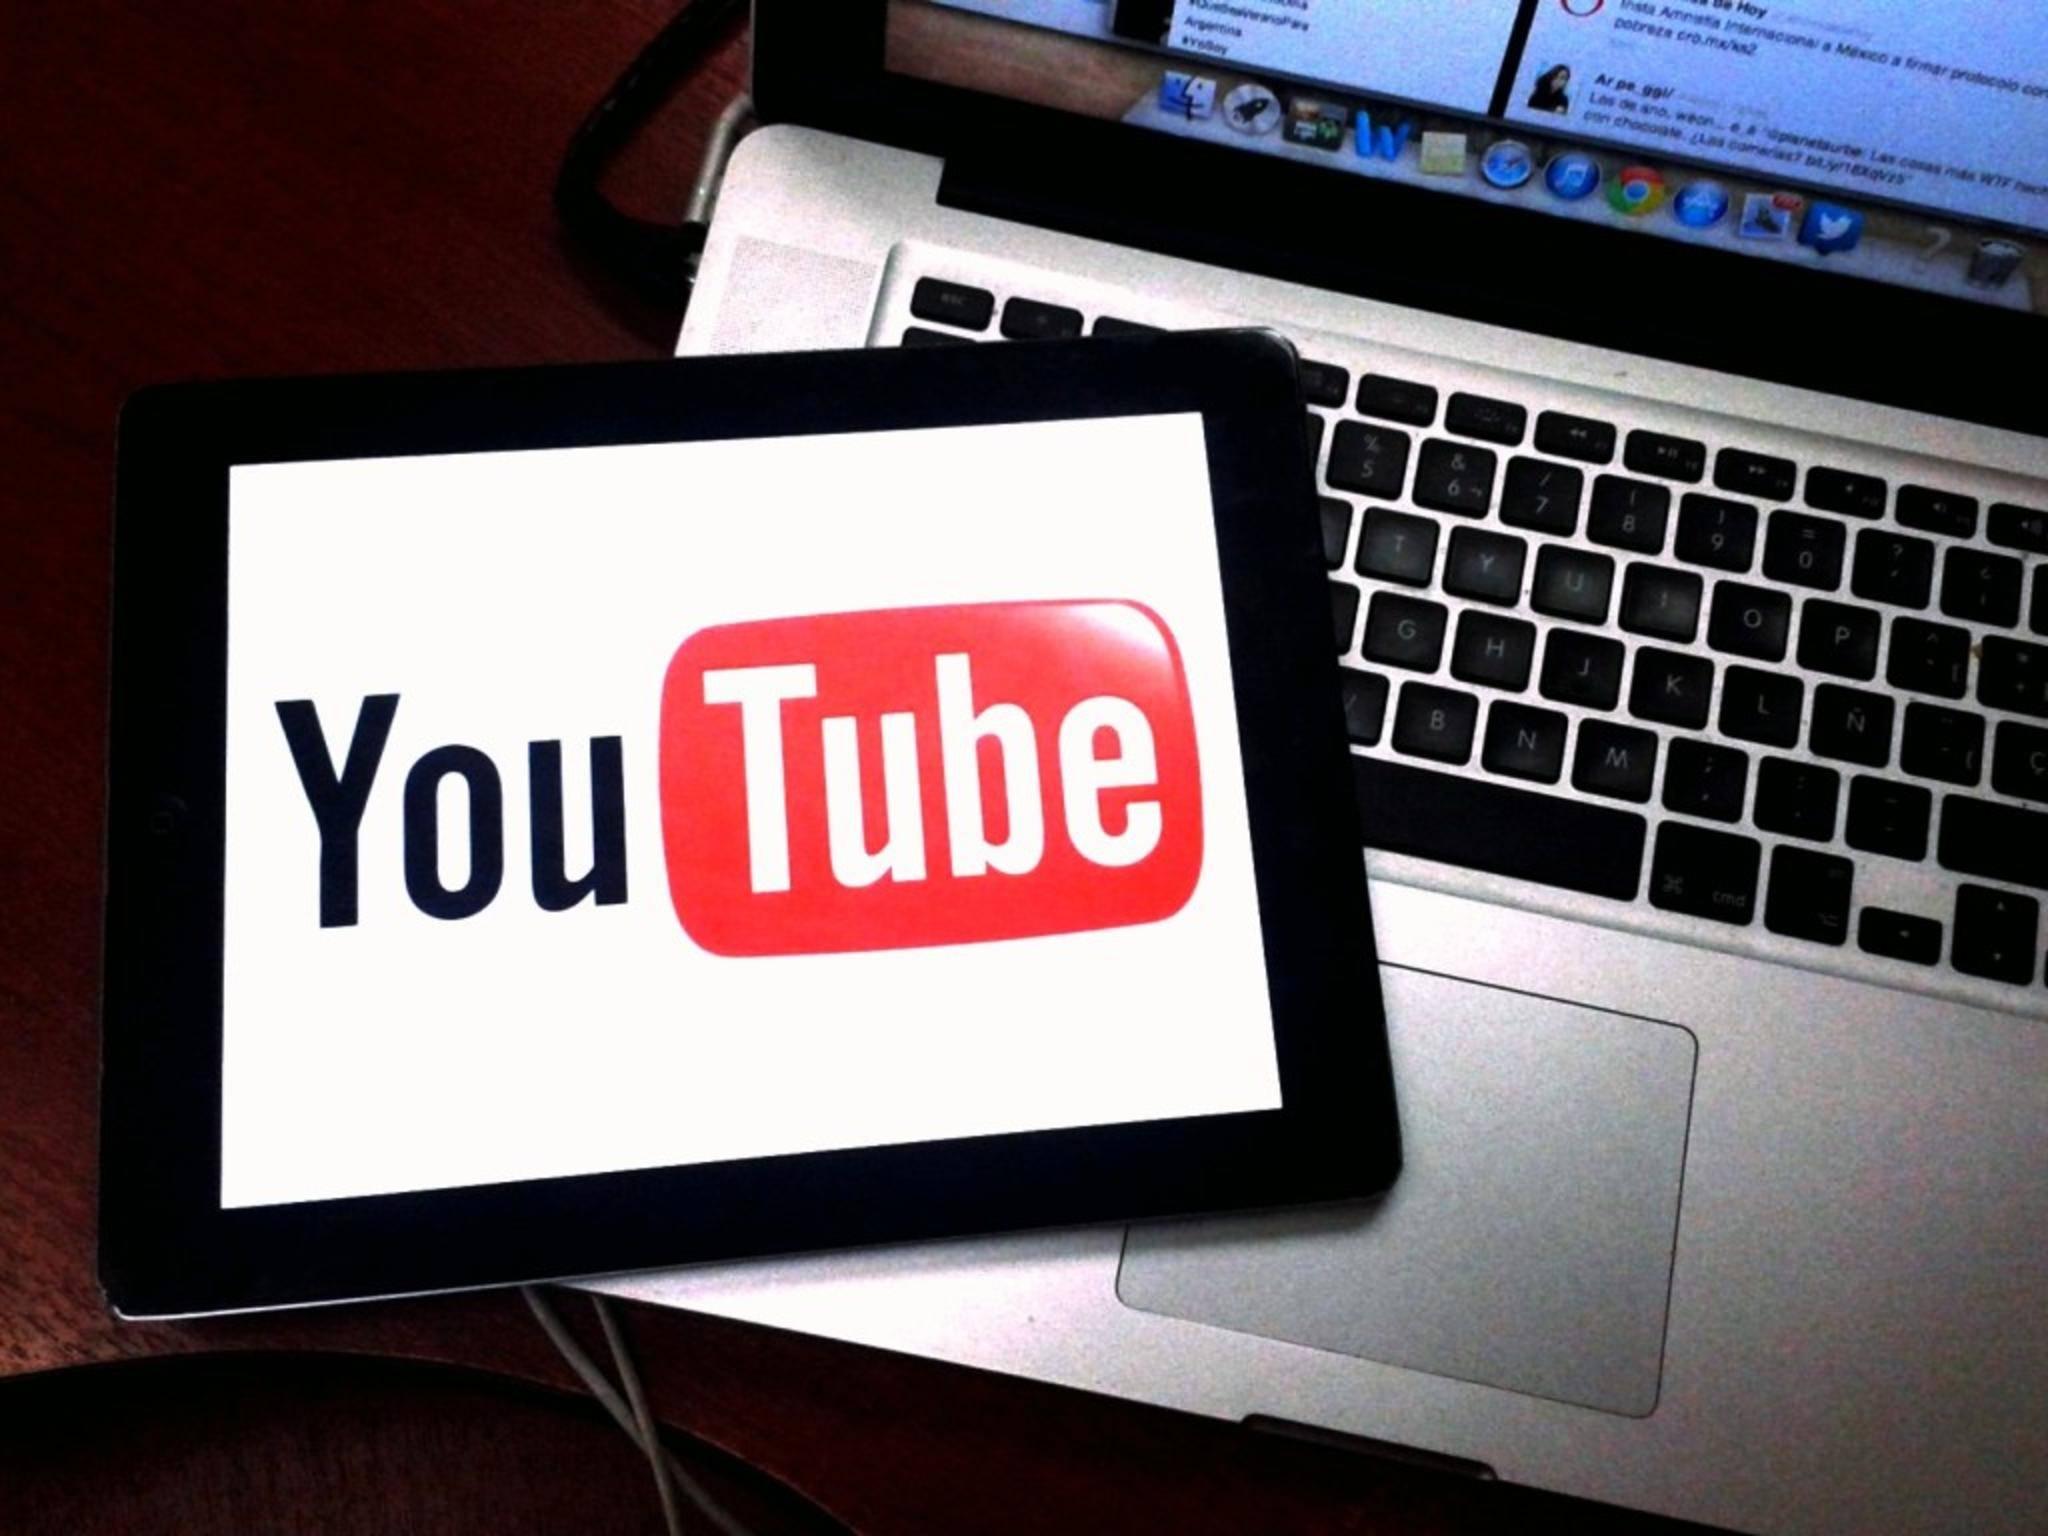 Für YouTube reicht es immerhin noch für Platz 3.